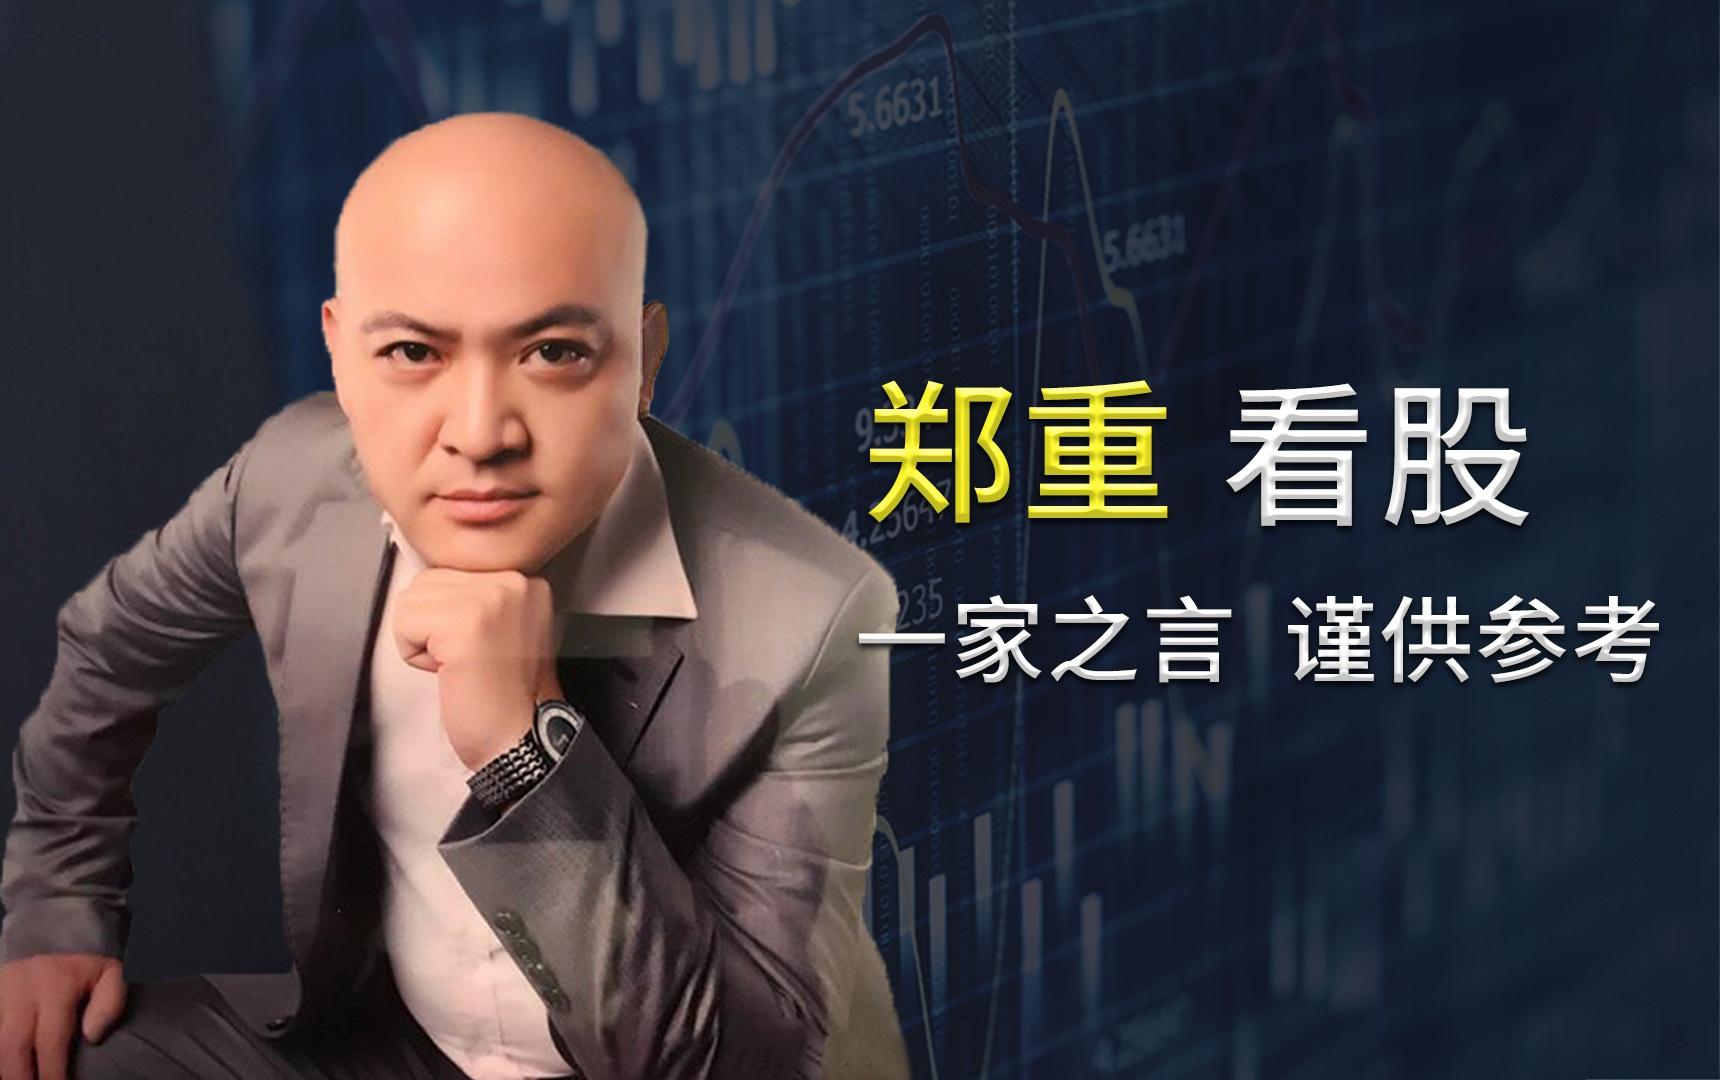 """《【万和城网上平台】郑重看股:下周创业板要来一只""""巨无霸""""》"""